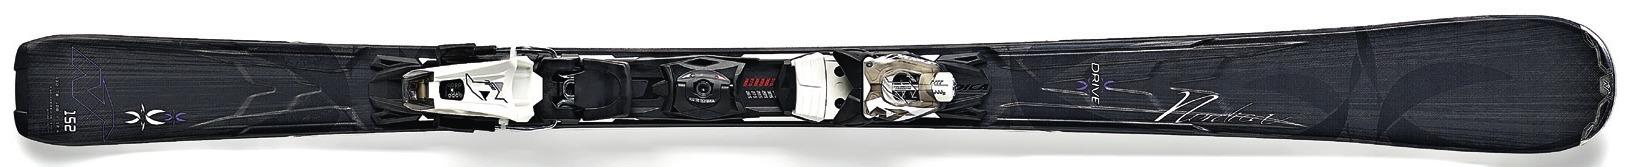 Nordica Drive 78 CA-N